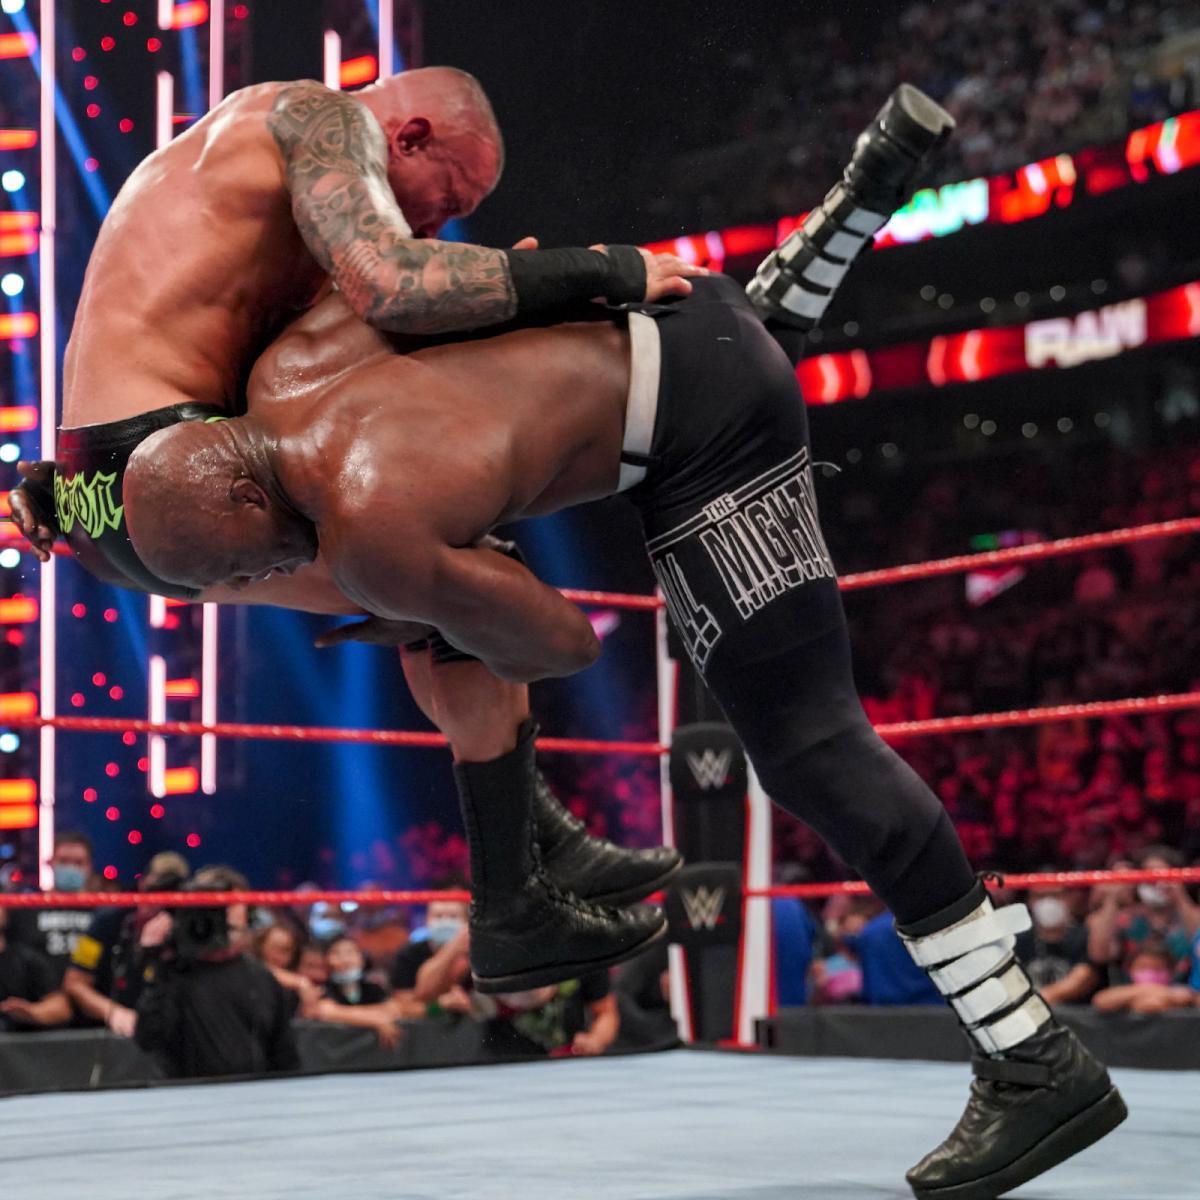 ラシュリーのスピアーがオートンに炸裂 ©2021 WWE, Inc. All Rights Reserved